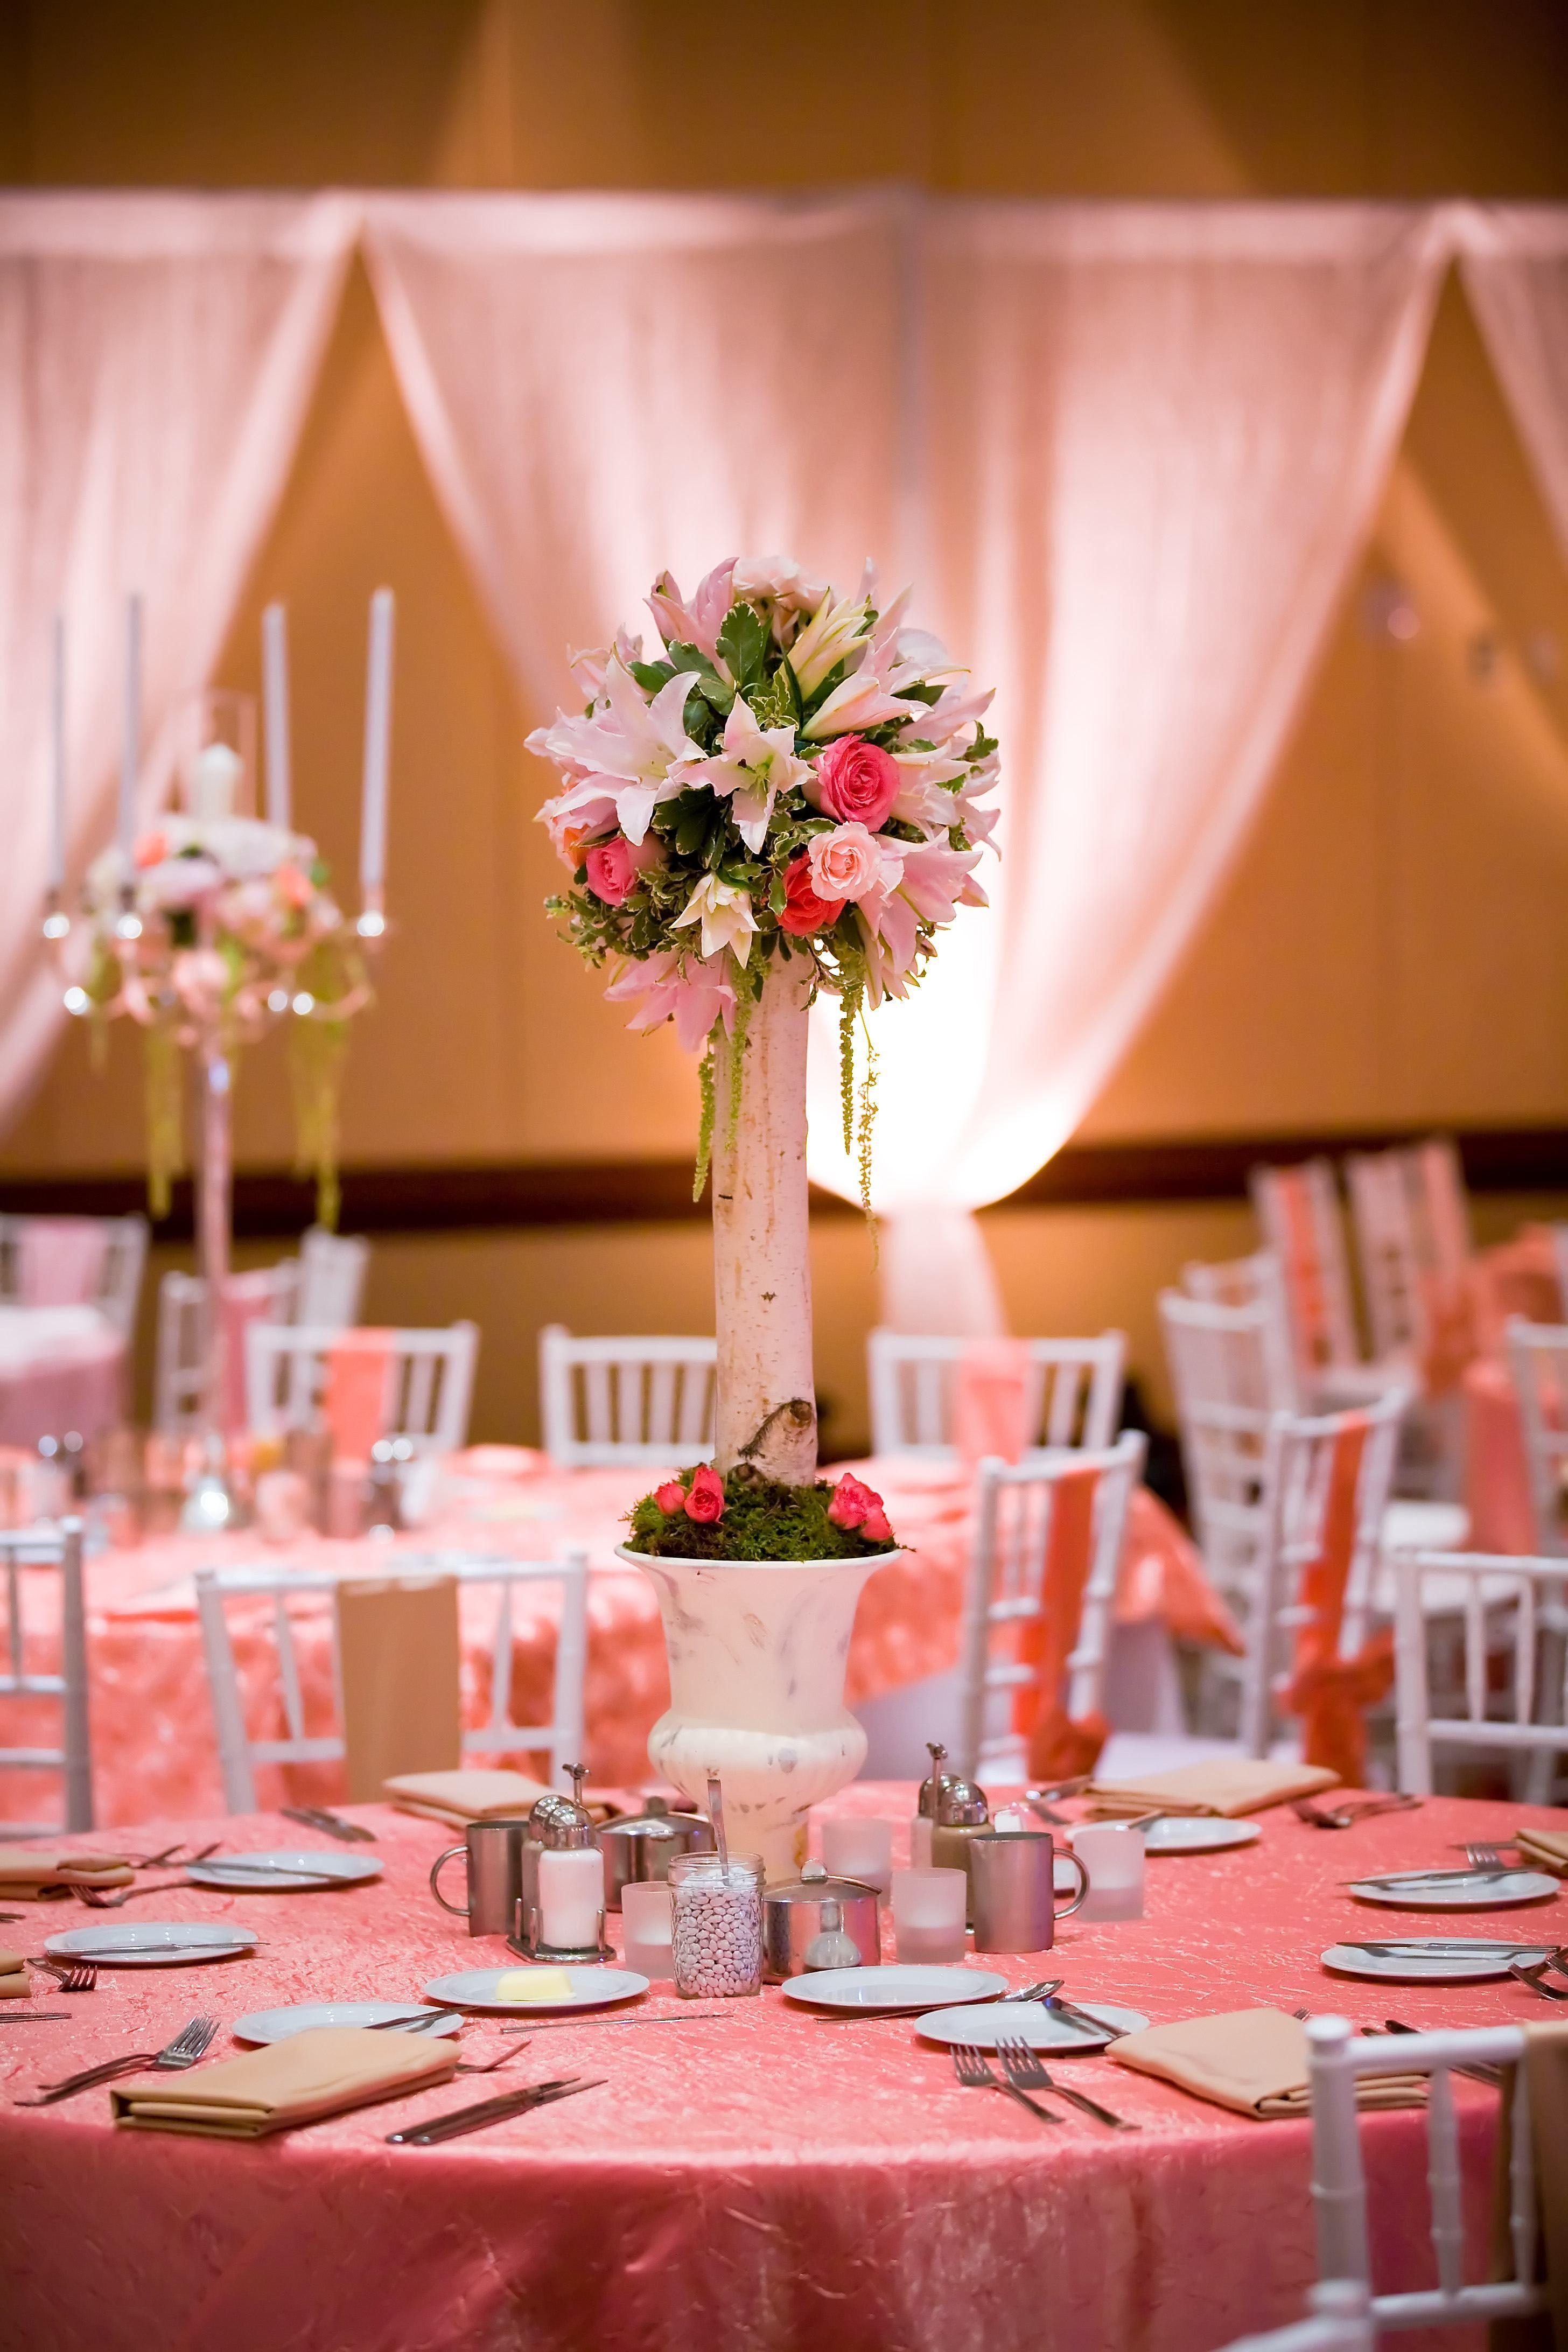 White draping, uplighting, floral centerpiece, mitzvah